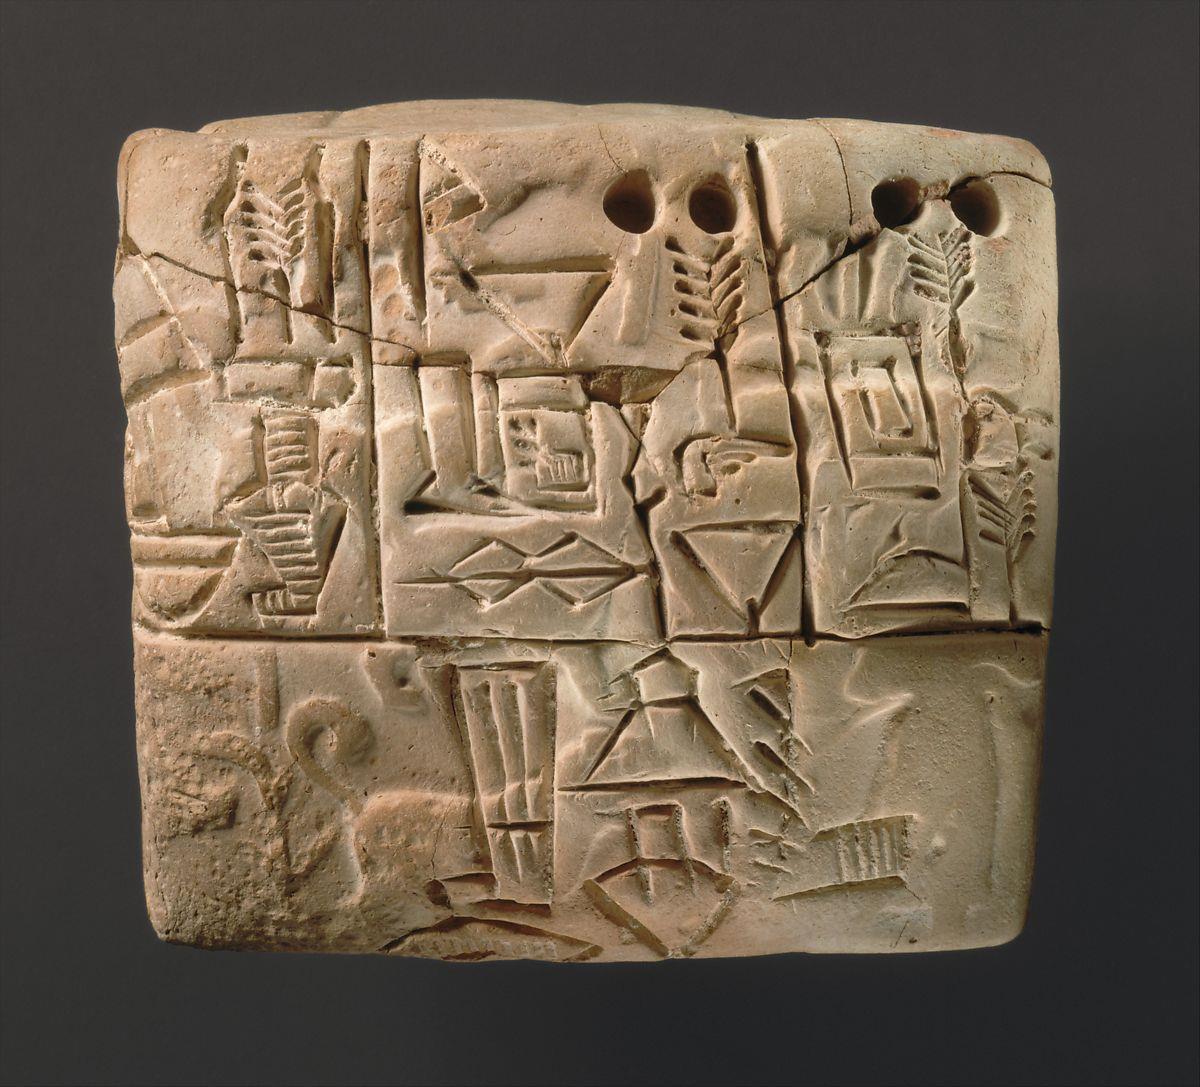 Tábua de argila com escrita cuneiforme.